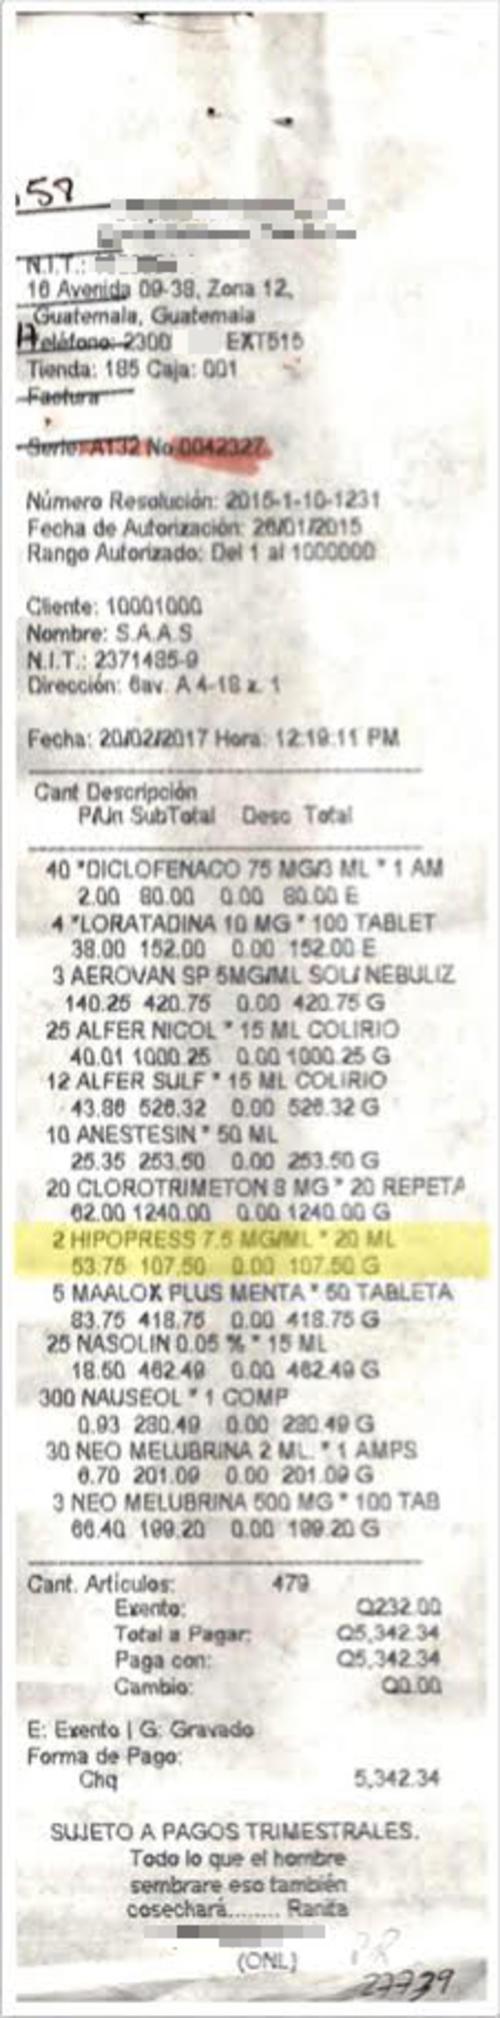 La SAAS adquirió Hipopress, un medicamento para la presión vascular. (Foto: José Miguel Castañeda/Soy502)